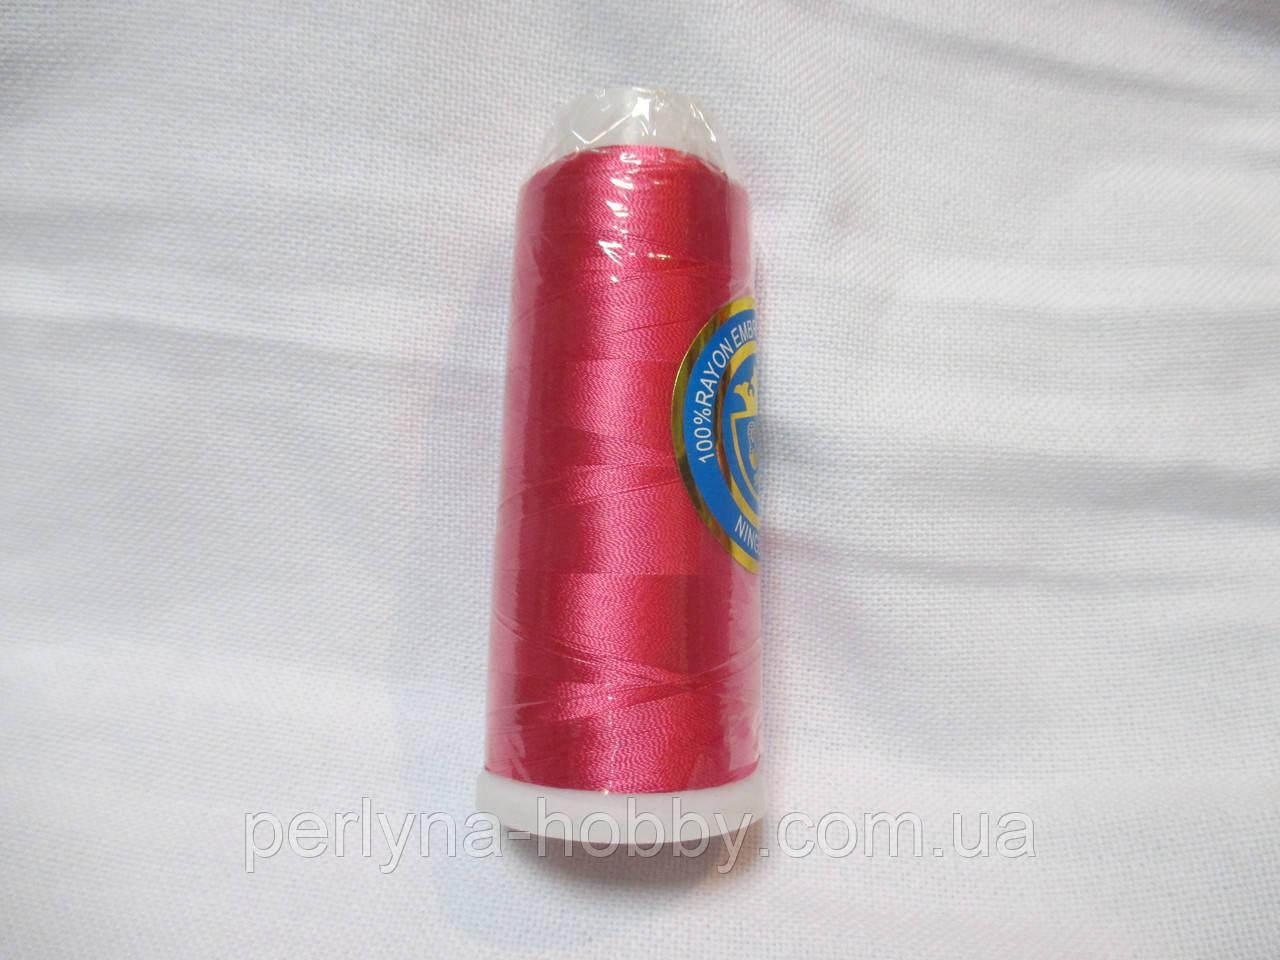 Нитки для машинної вишики 100% віскоза (100% rayon) 3000 ярдів, №130, темно-рожевий